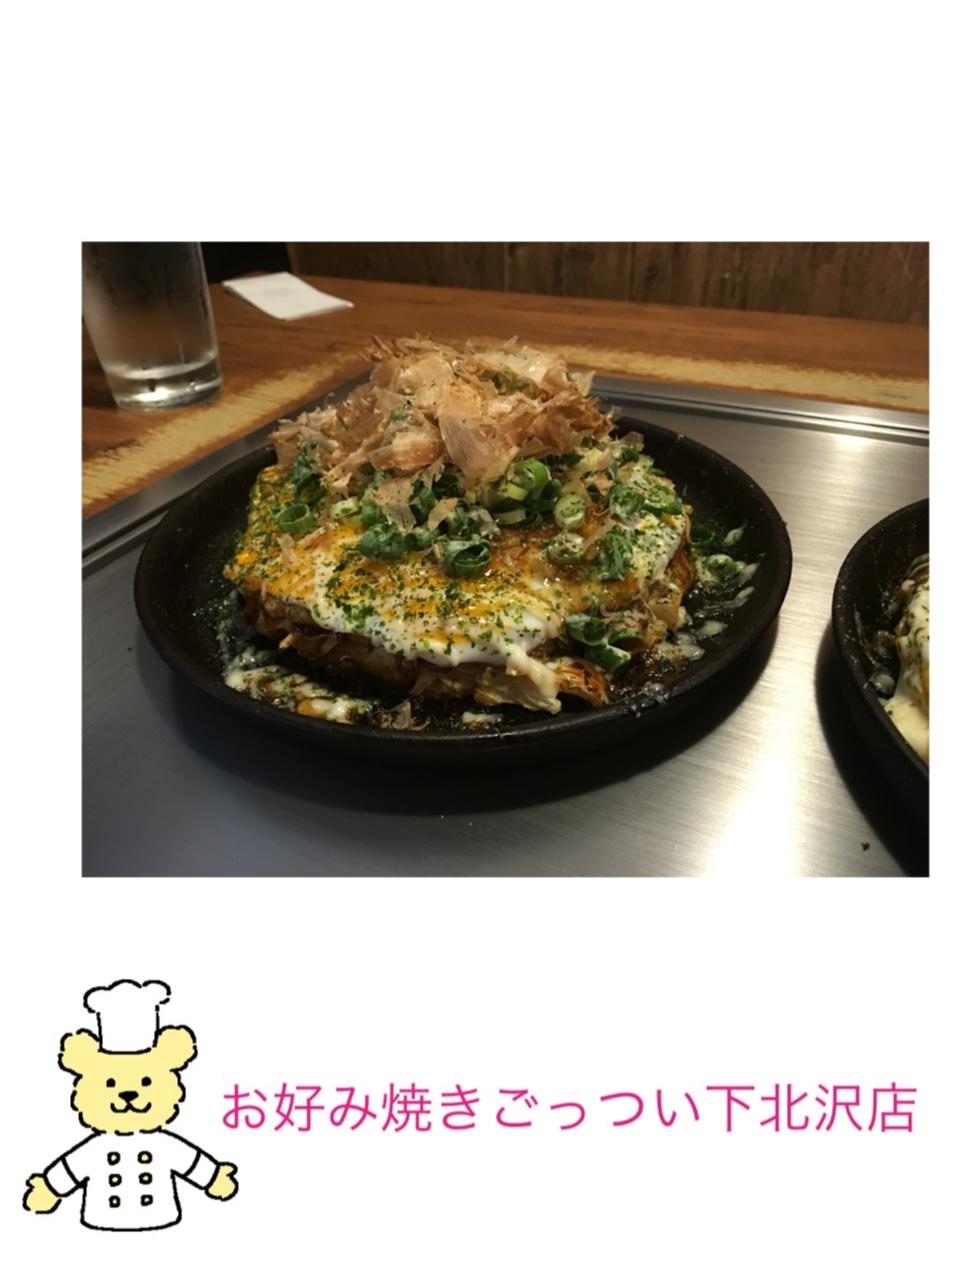 ♡女性向け◡̈あっさり食べやすいお好み焼き【ごっつい下北沢】♡モアハピ◡̈のぞみ♡_5